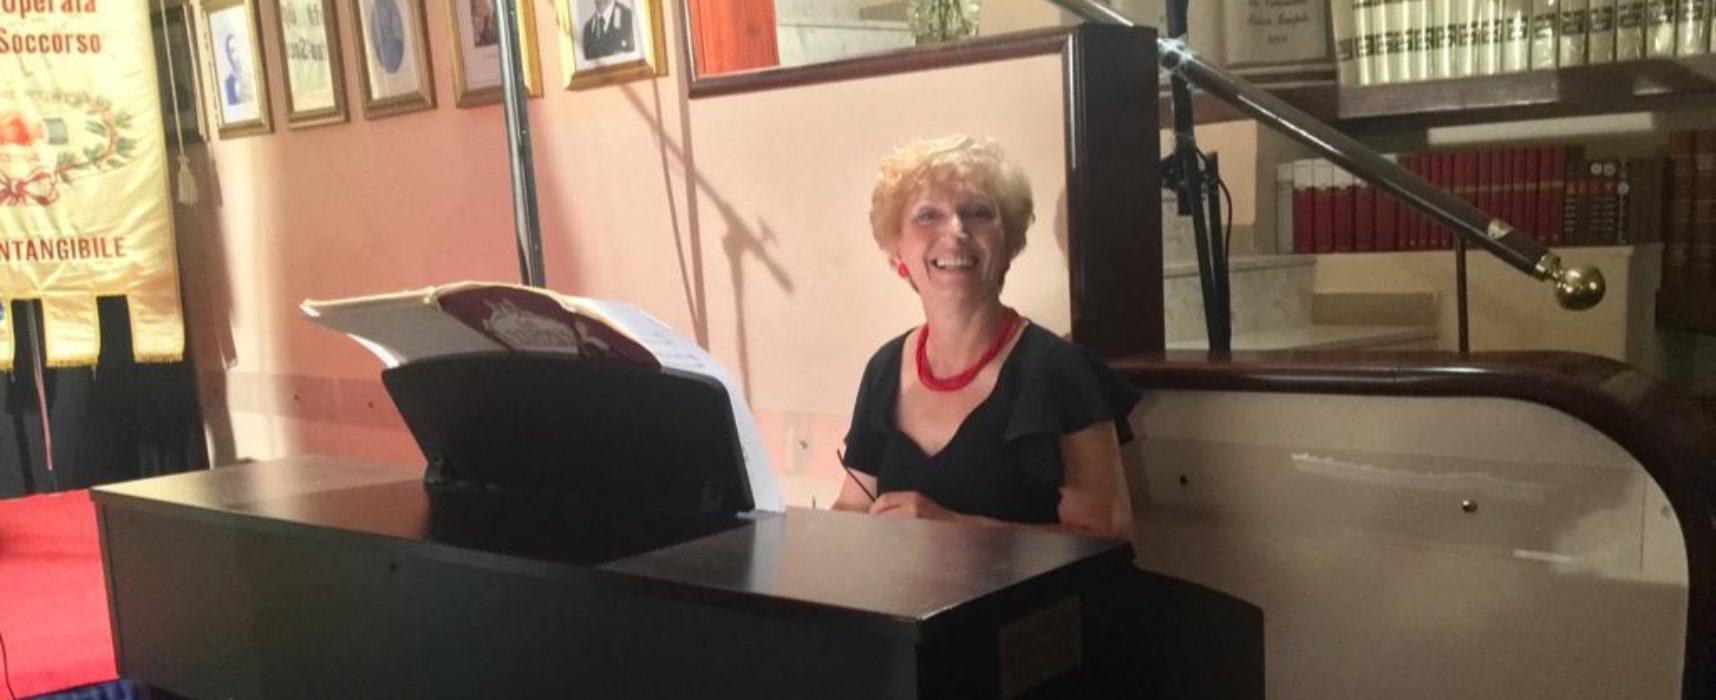 Si è spenta la professoressa Luisa Rana: la musica la sua missione